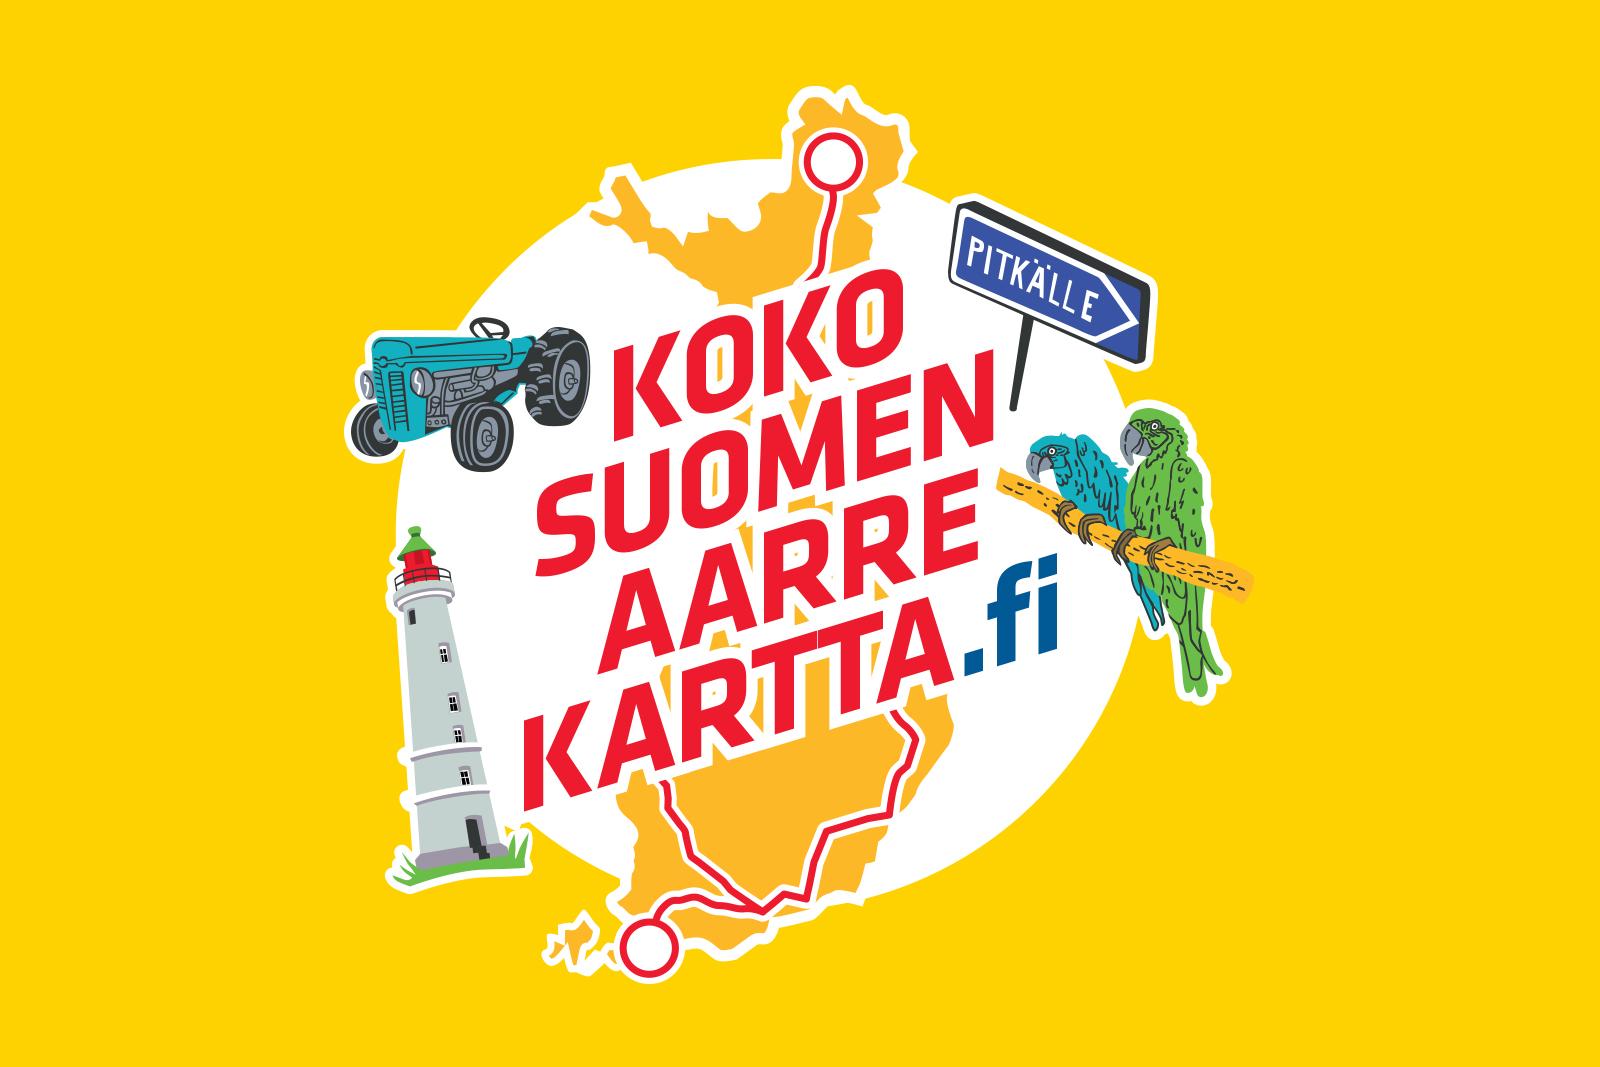 Koko Suomen aarrekartta